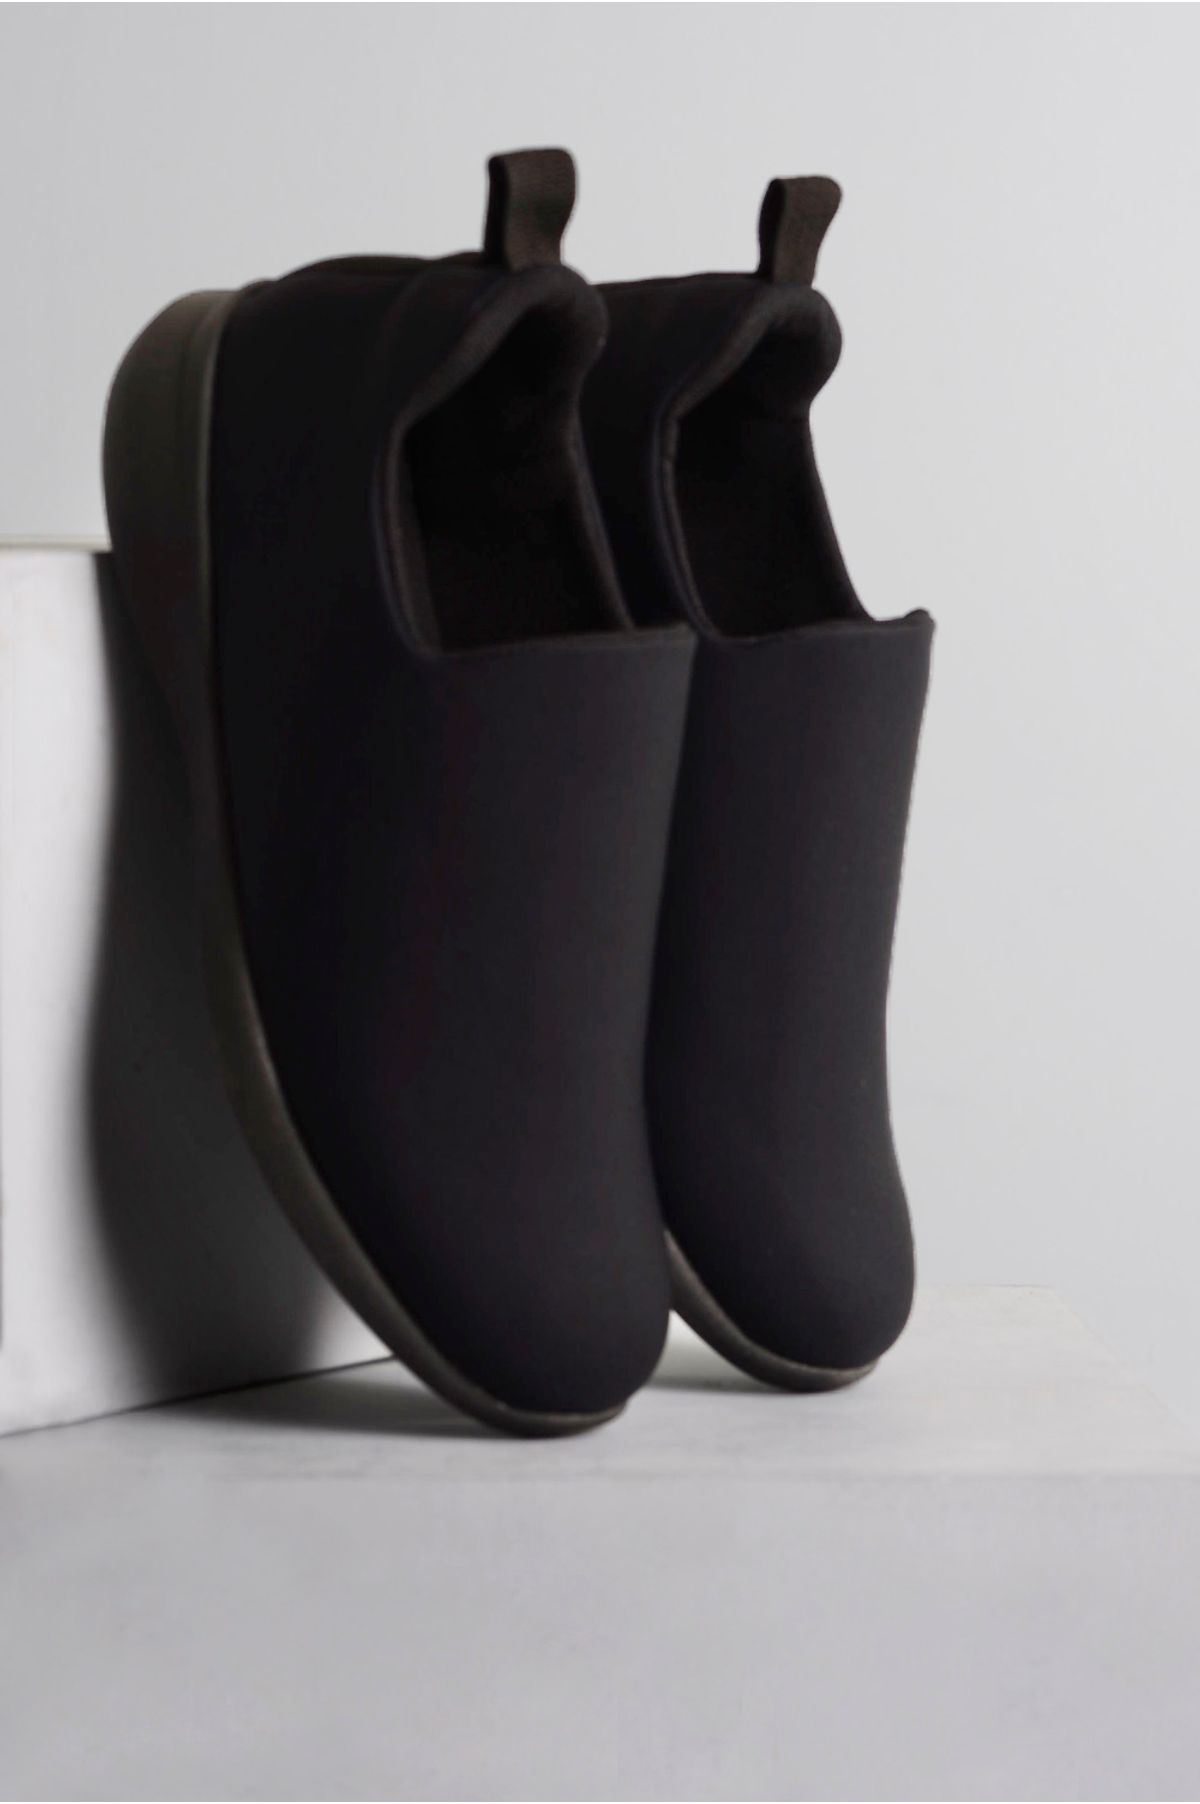 47439ac39 Sapatênis Masculino Lycra Usaflex PRETO - Mundial Calçados